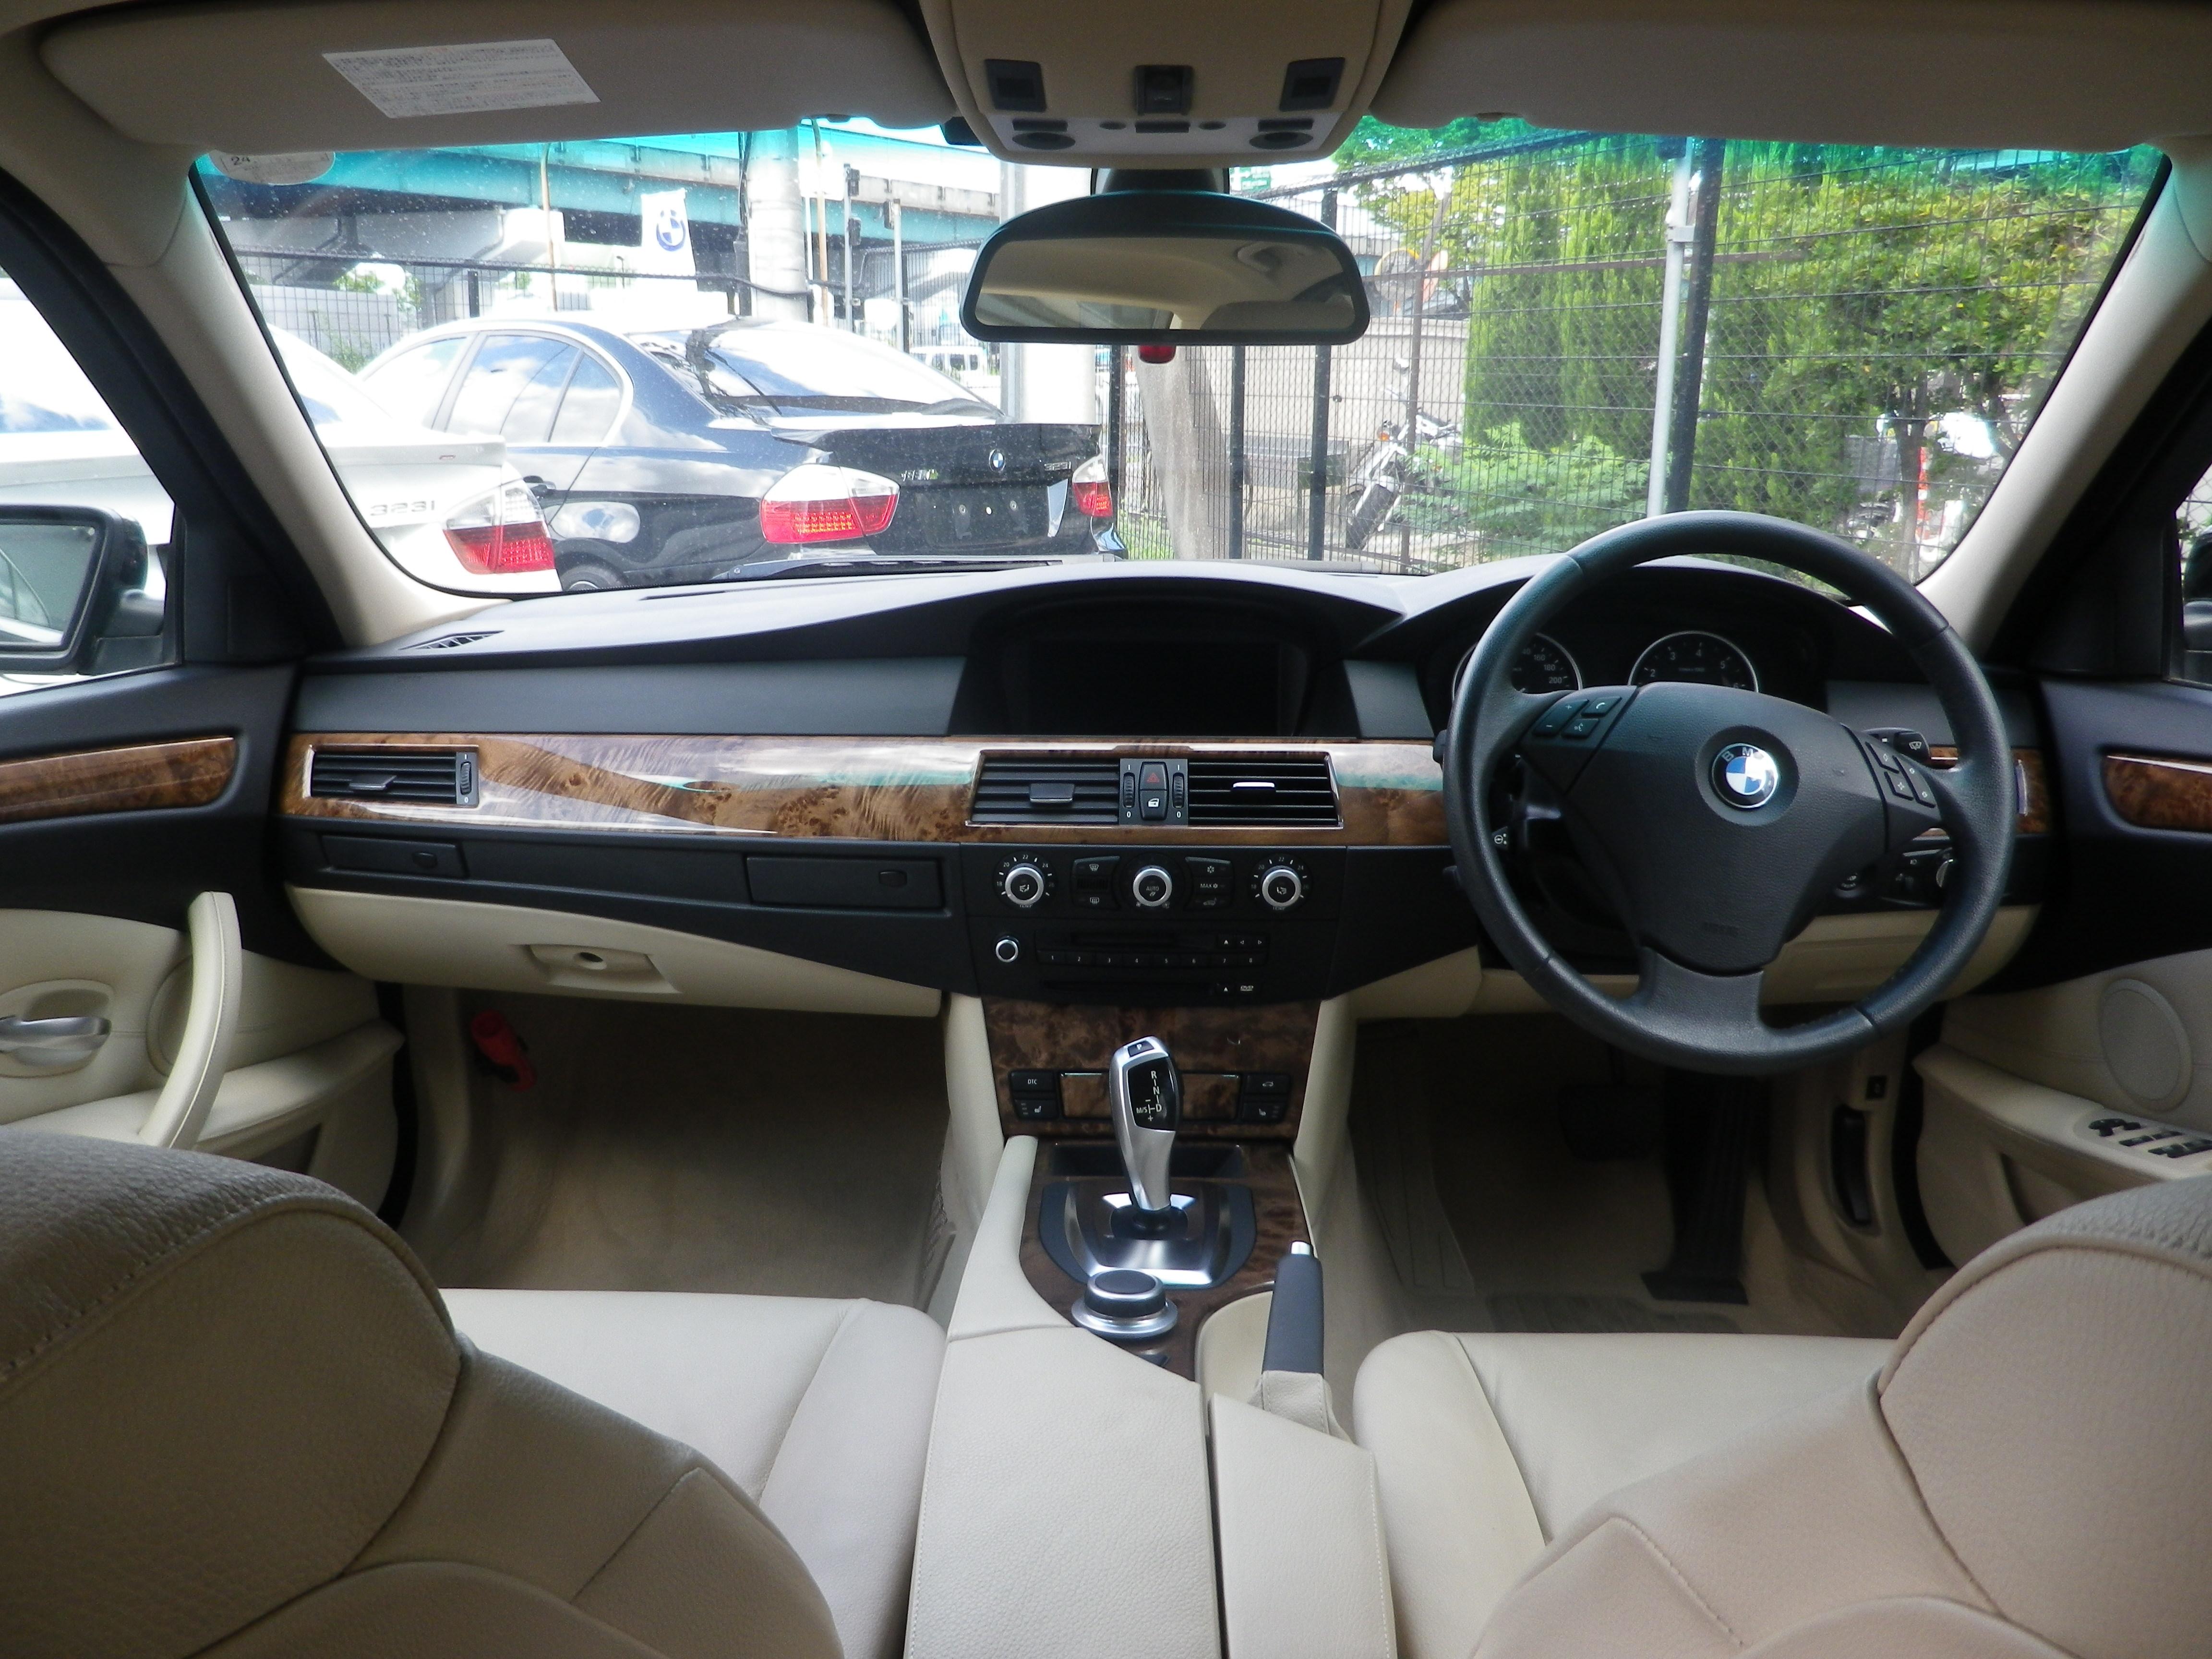 525iハイライン後期モデルBEAMコンプリートカー 電子シフト ベージュレザーシート車両画像08